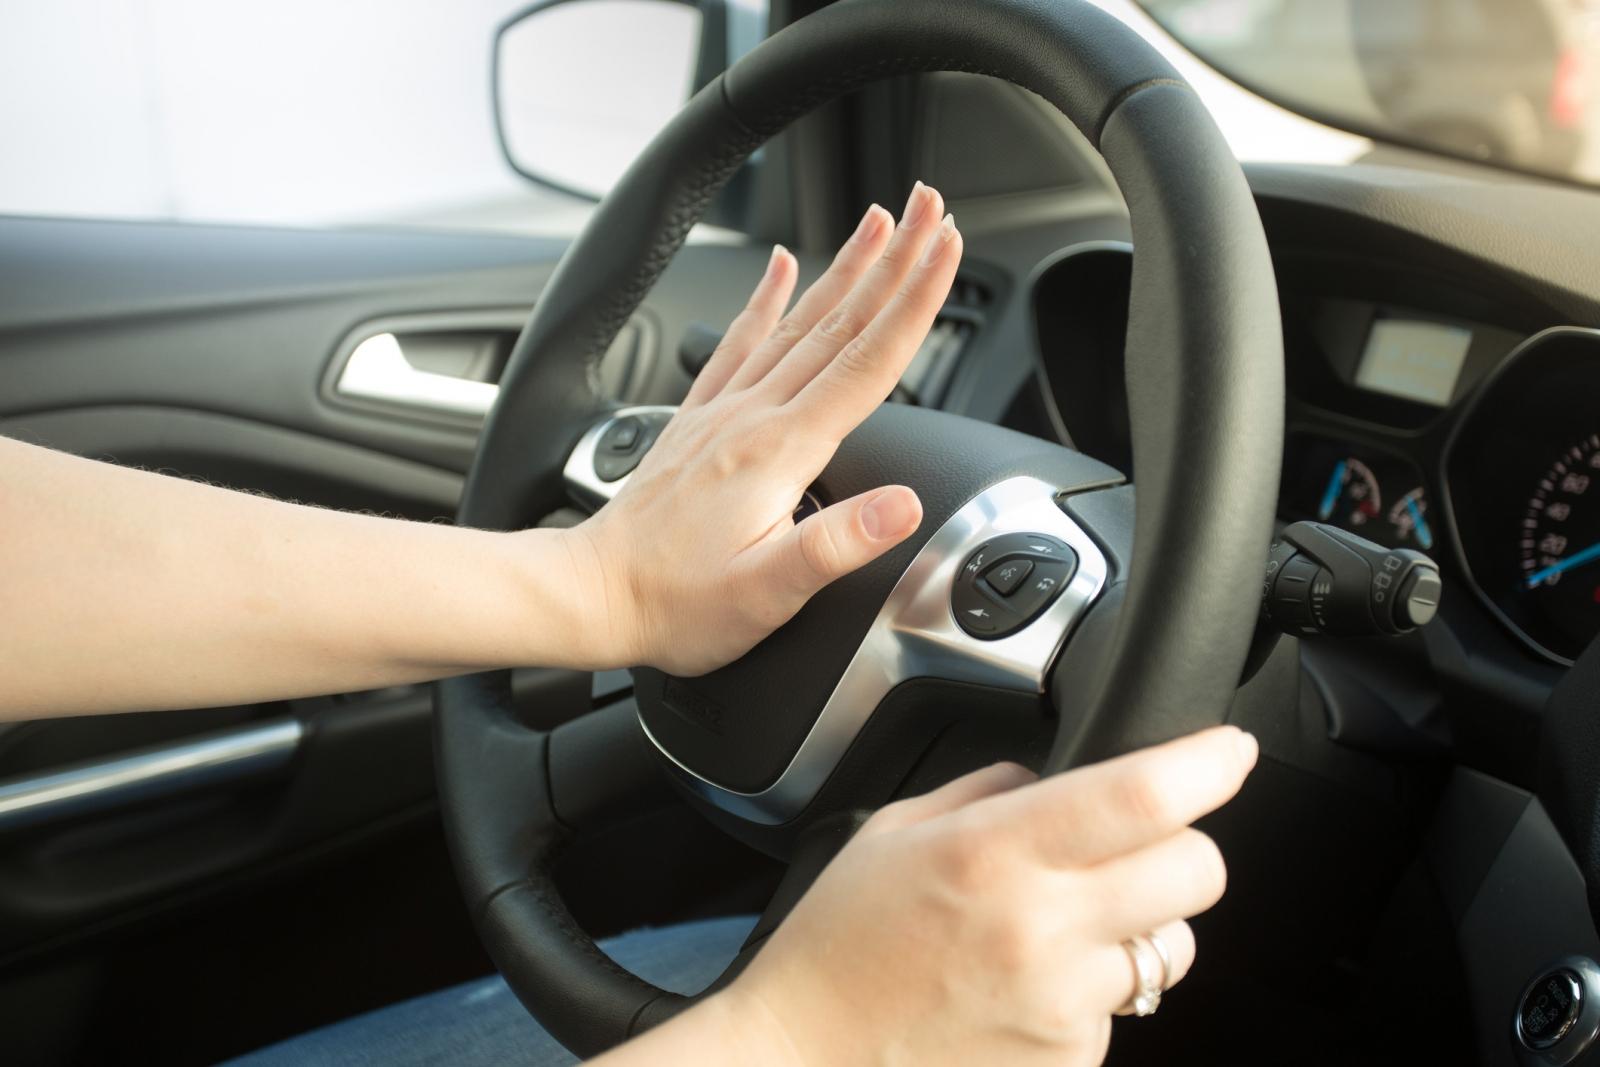 hãy dạy trẻ đến vị trí vô lăng xe, tìm kiếm hình ký hiệu còi xe và nhấn liên tục để thu hút sự chú ý từ những người xung quanh.